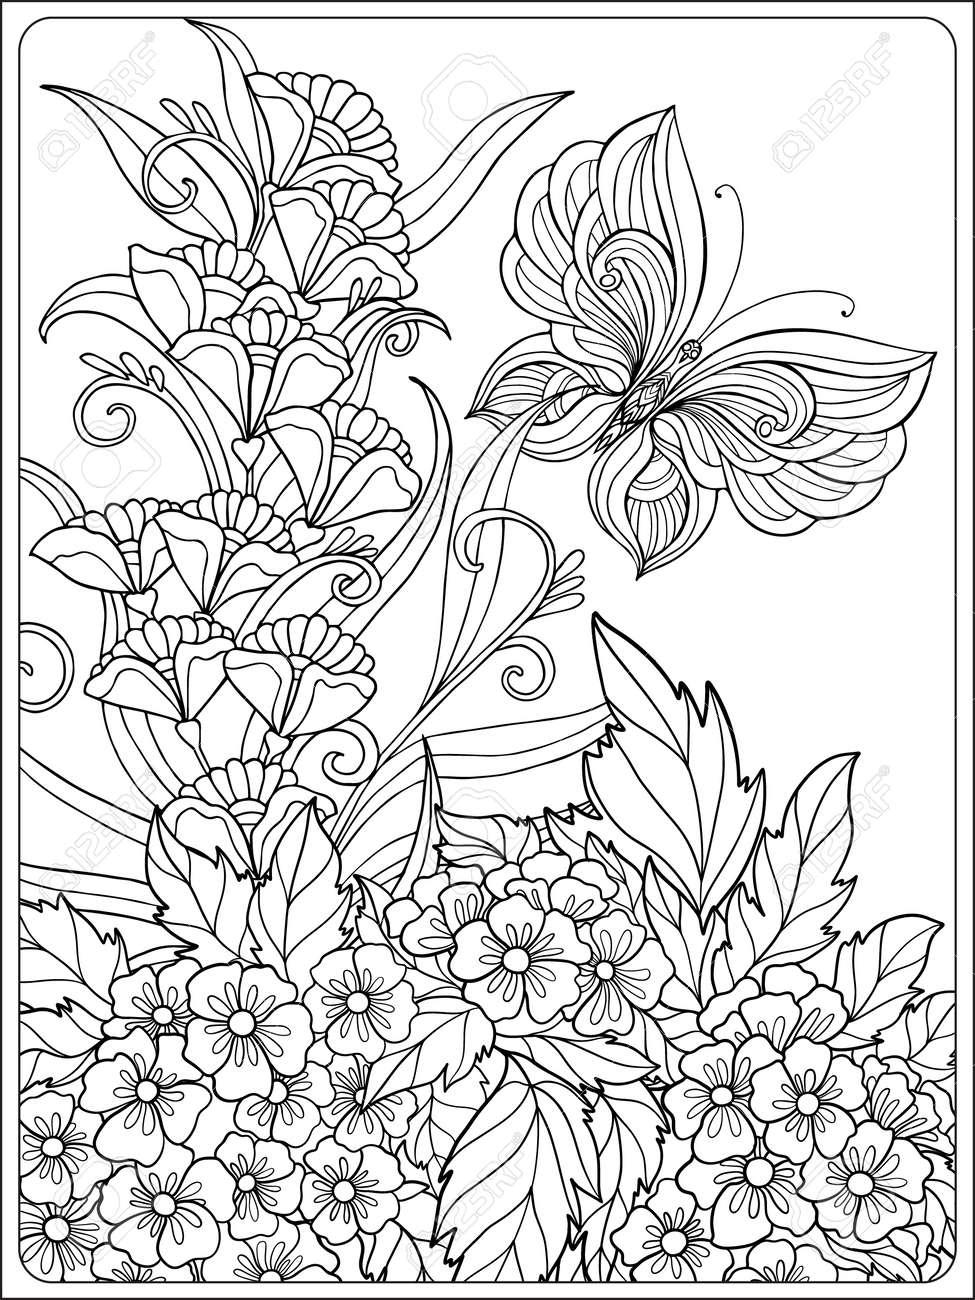 Único Páginas Para Colorear De Pájaros Y Flores Bosquejo - Dibujos ...